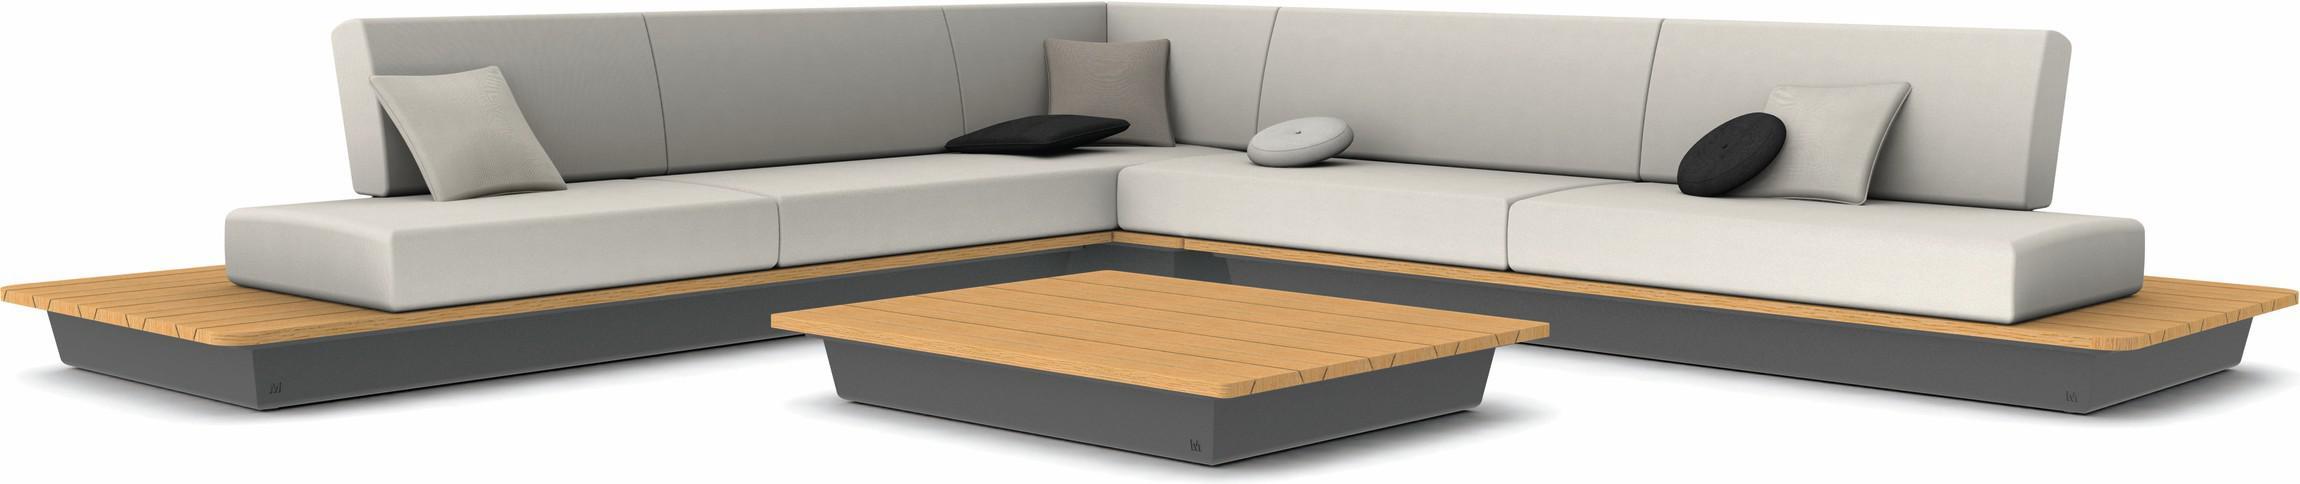 Air concept 5 - lava - houten afwerking in iroko